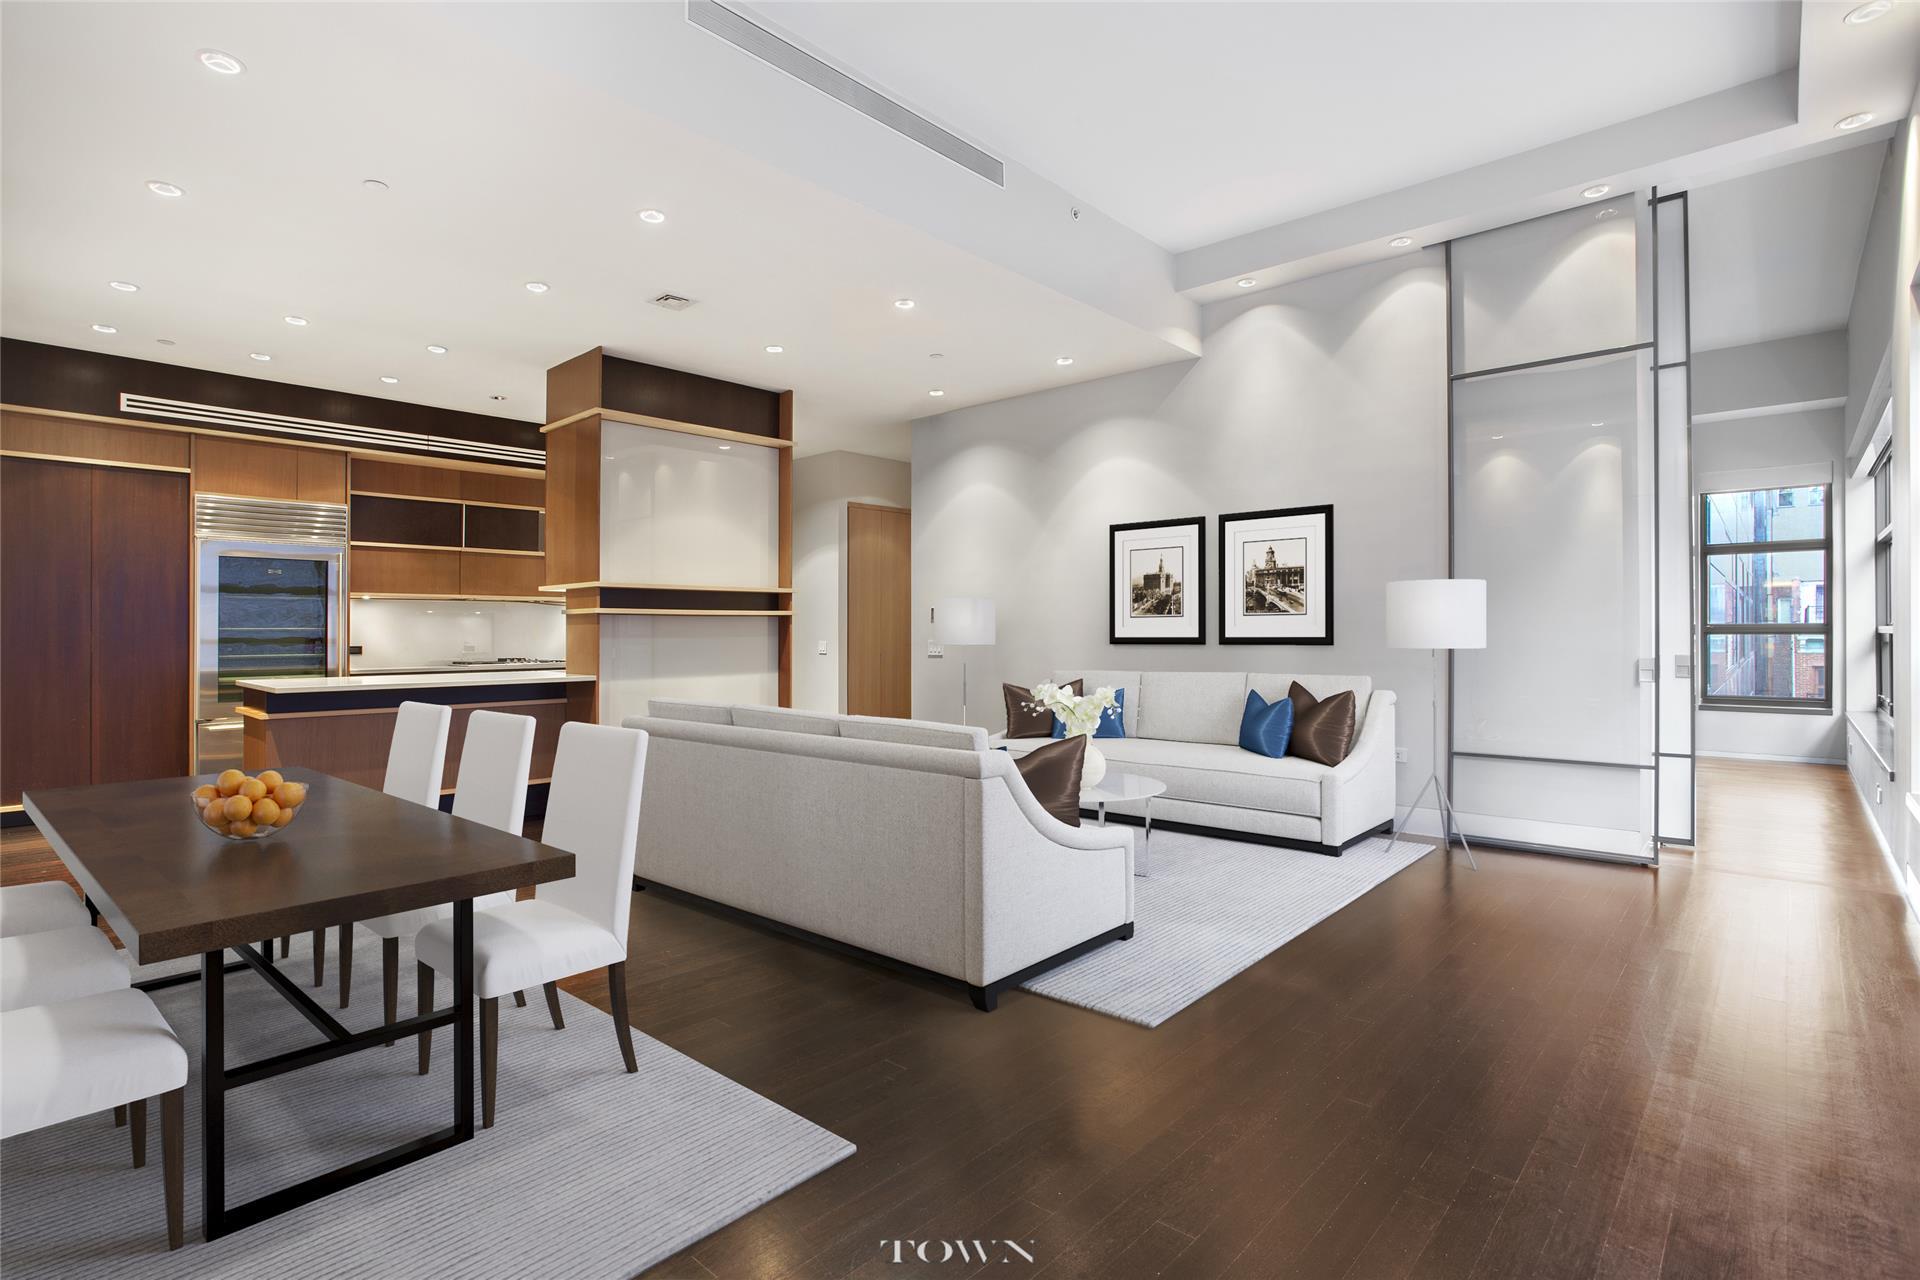 Condominium for Sale at 40 Mercer Street, #21 40 Mercer Street New York, New York 10013 United States